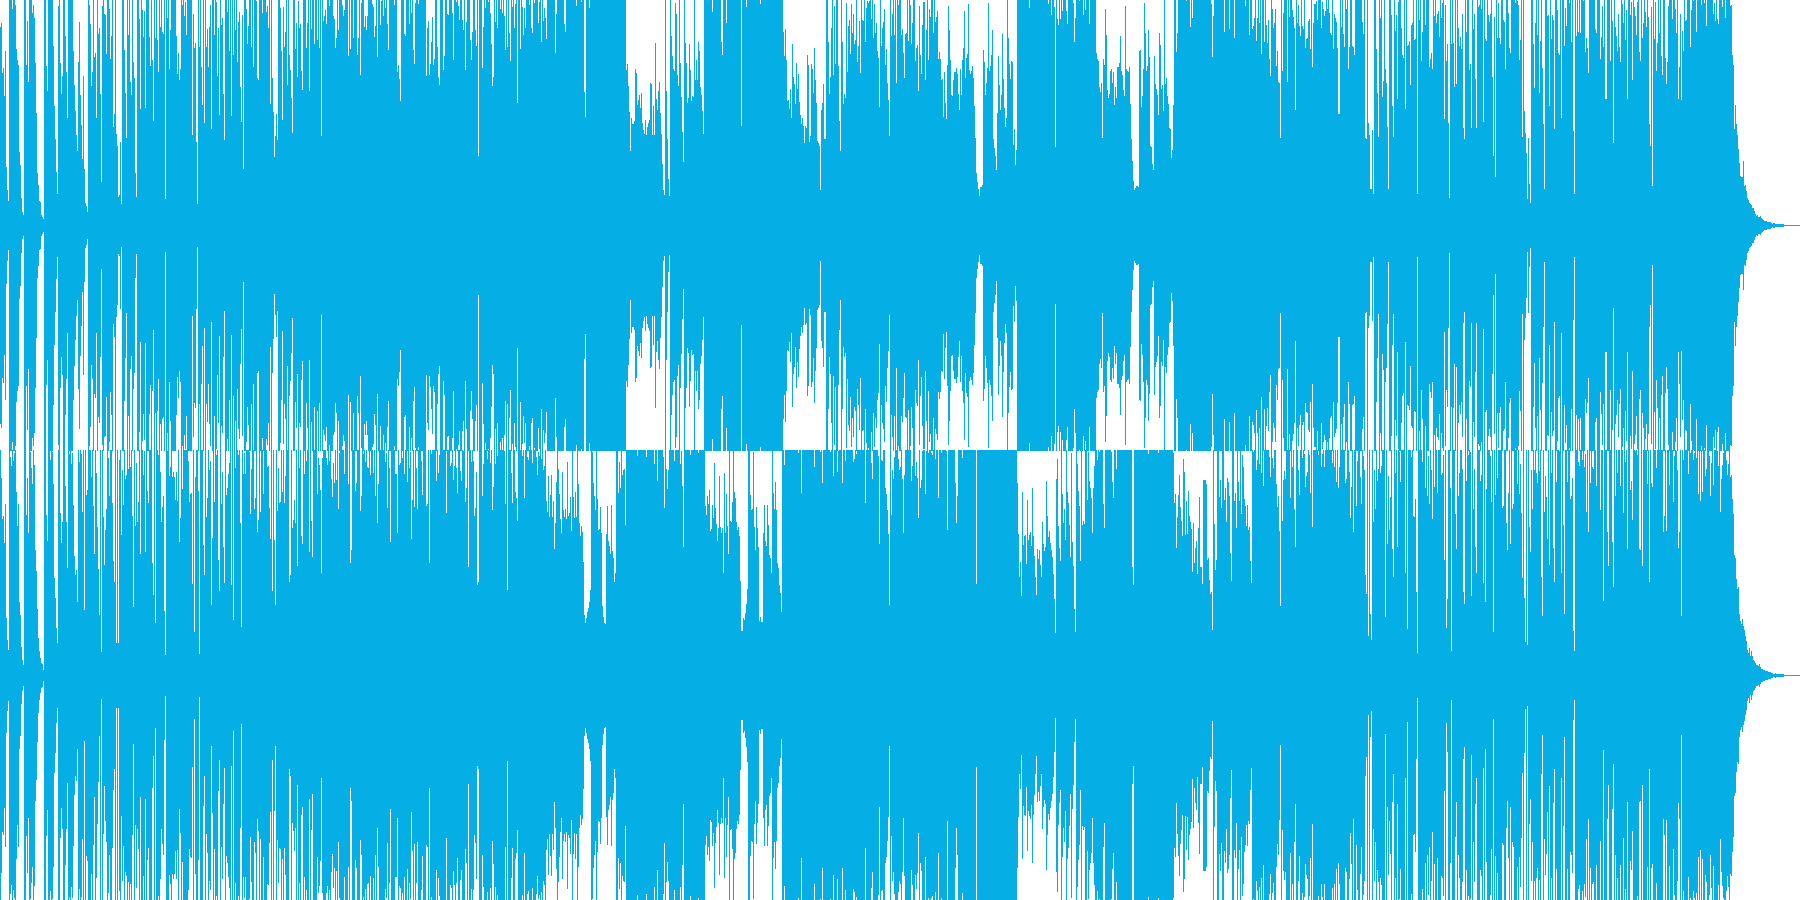 激しいEギタージングル01:30CM用の再生済みの波形